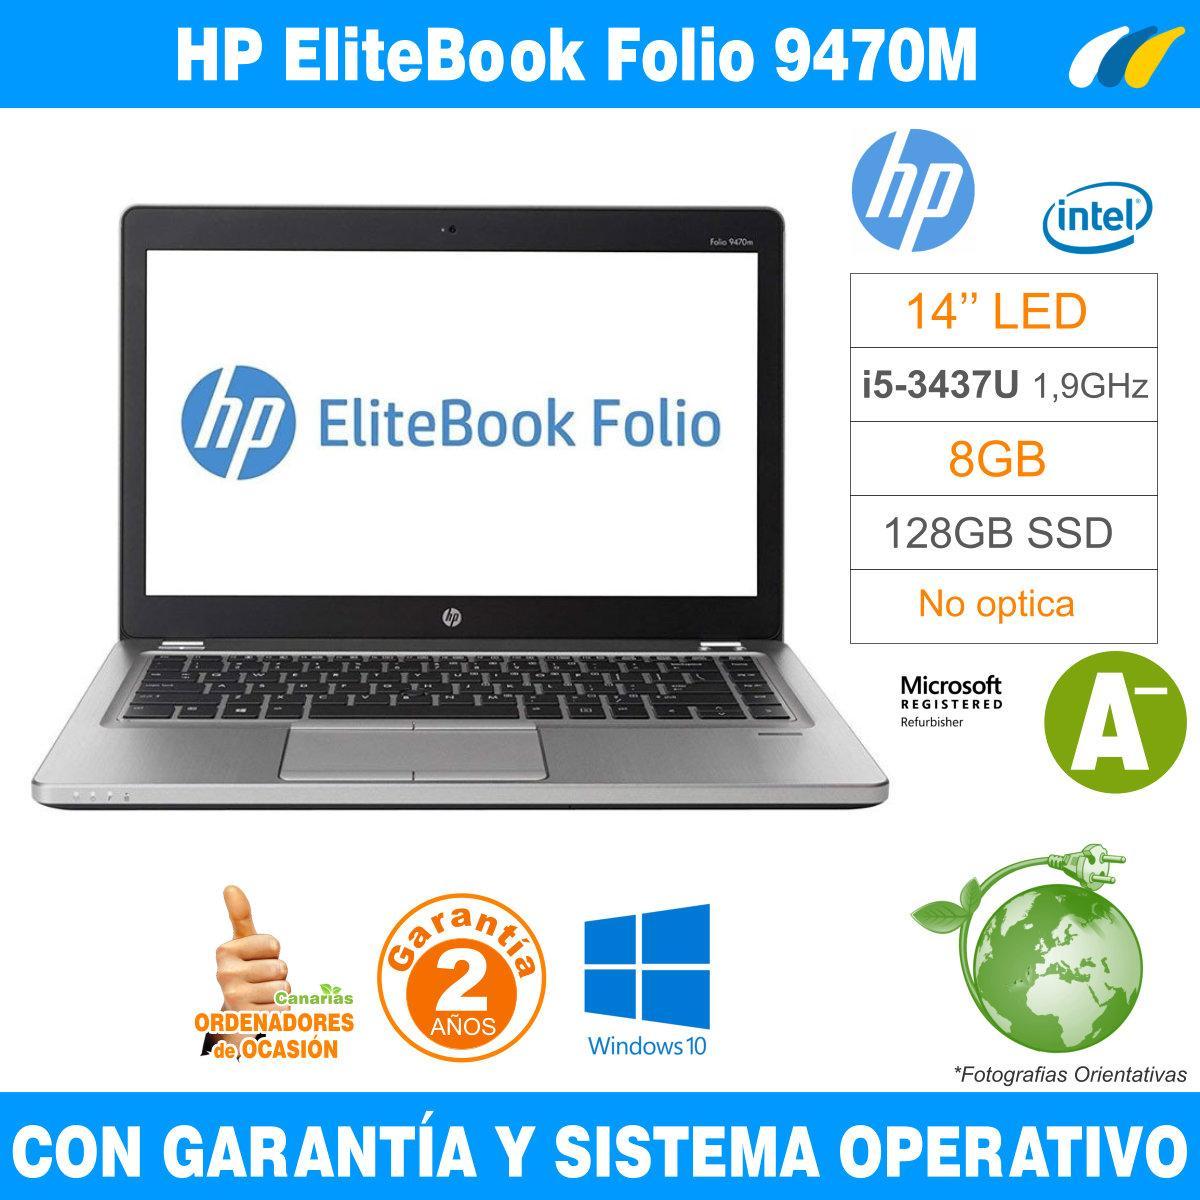 Intel i5-3437U 1,90 GHz  – 8GB – 128 GB SSD  - HP EliteBook Folio 9470M